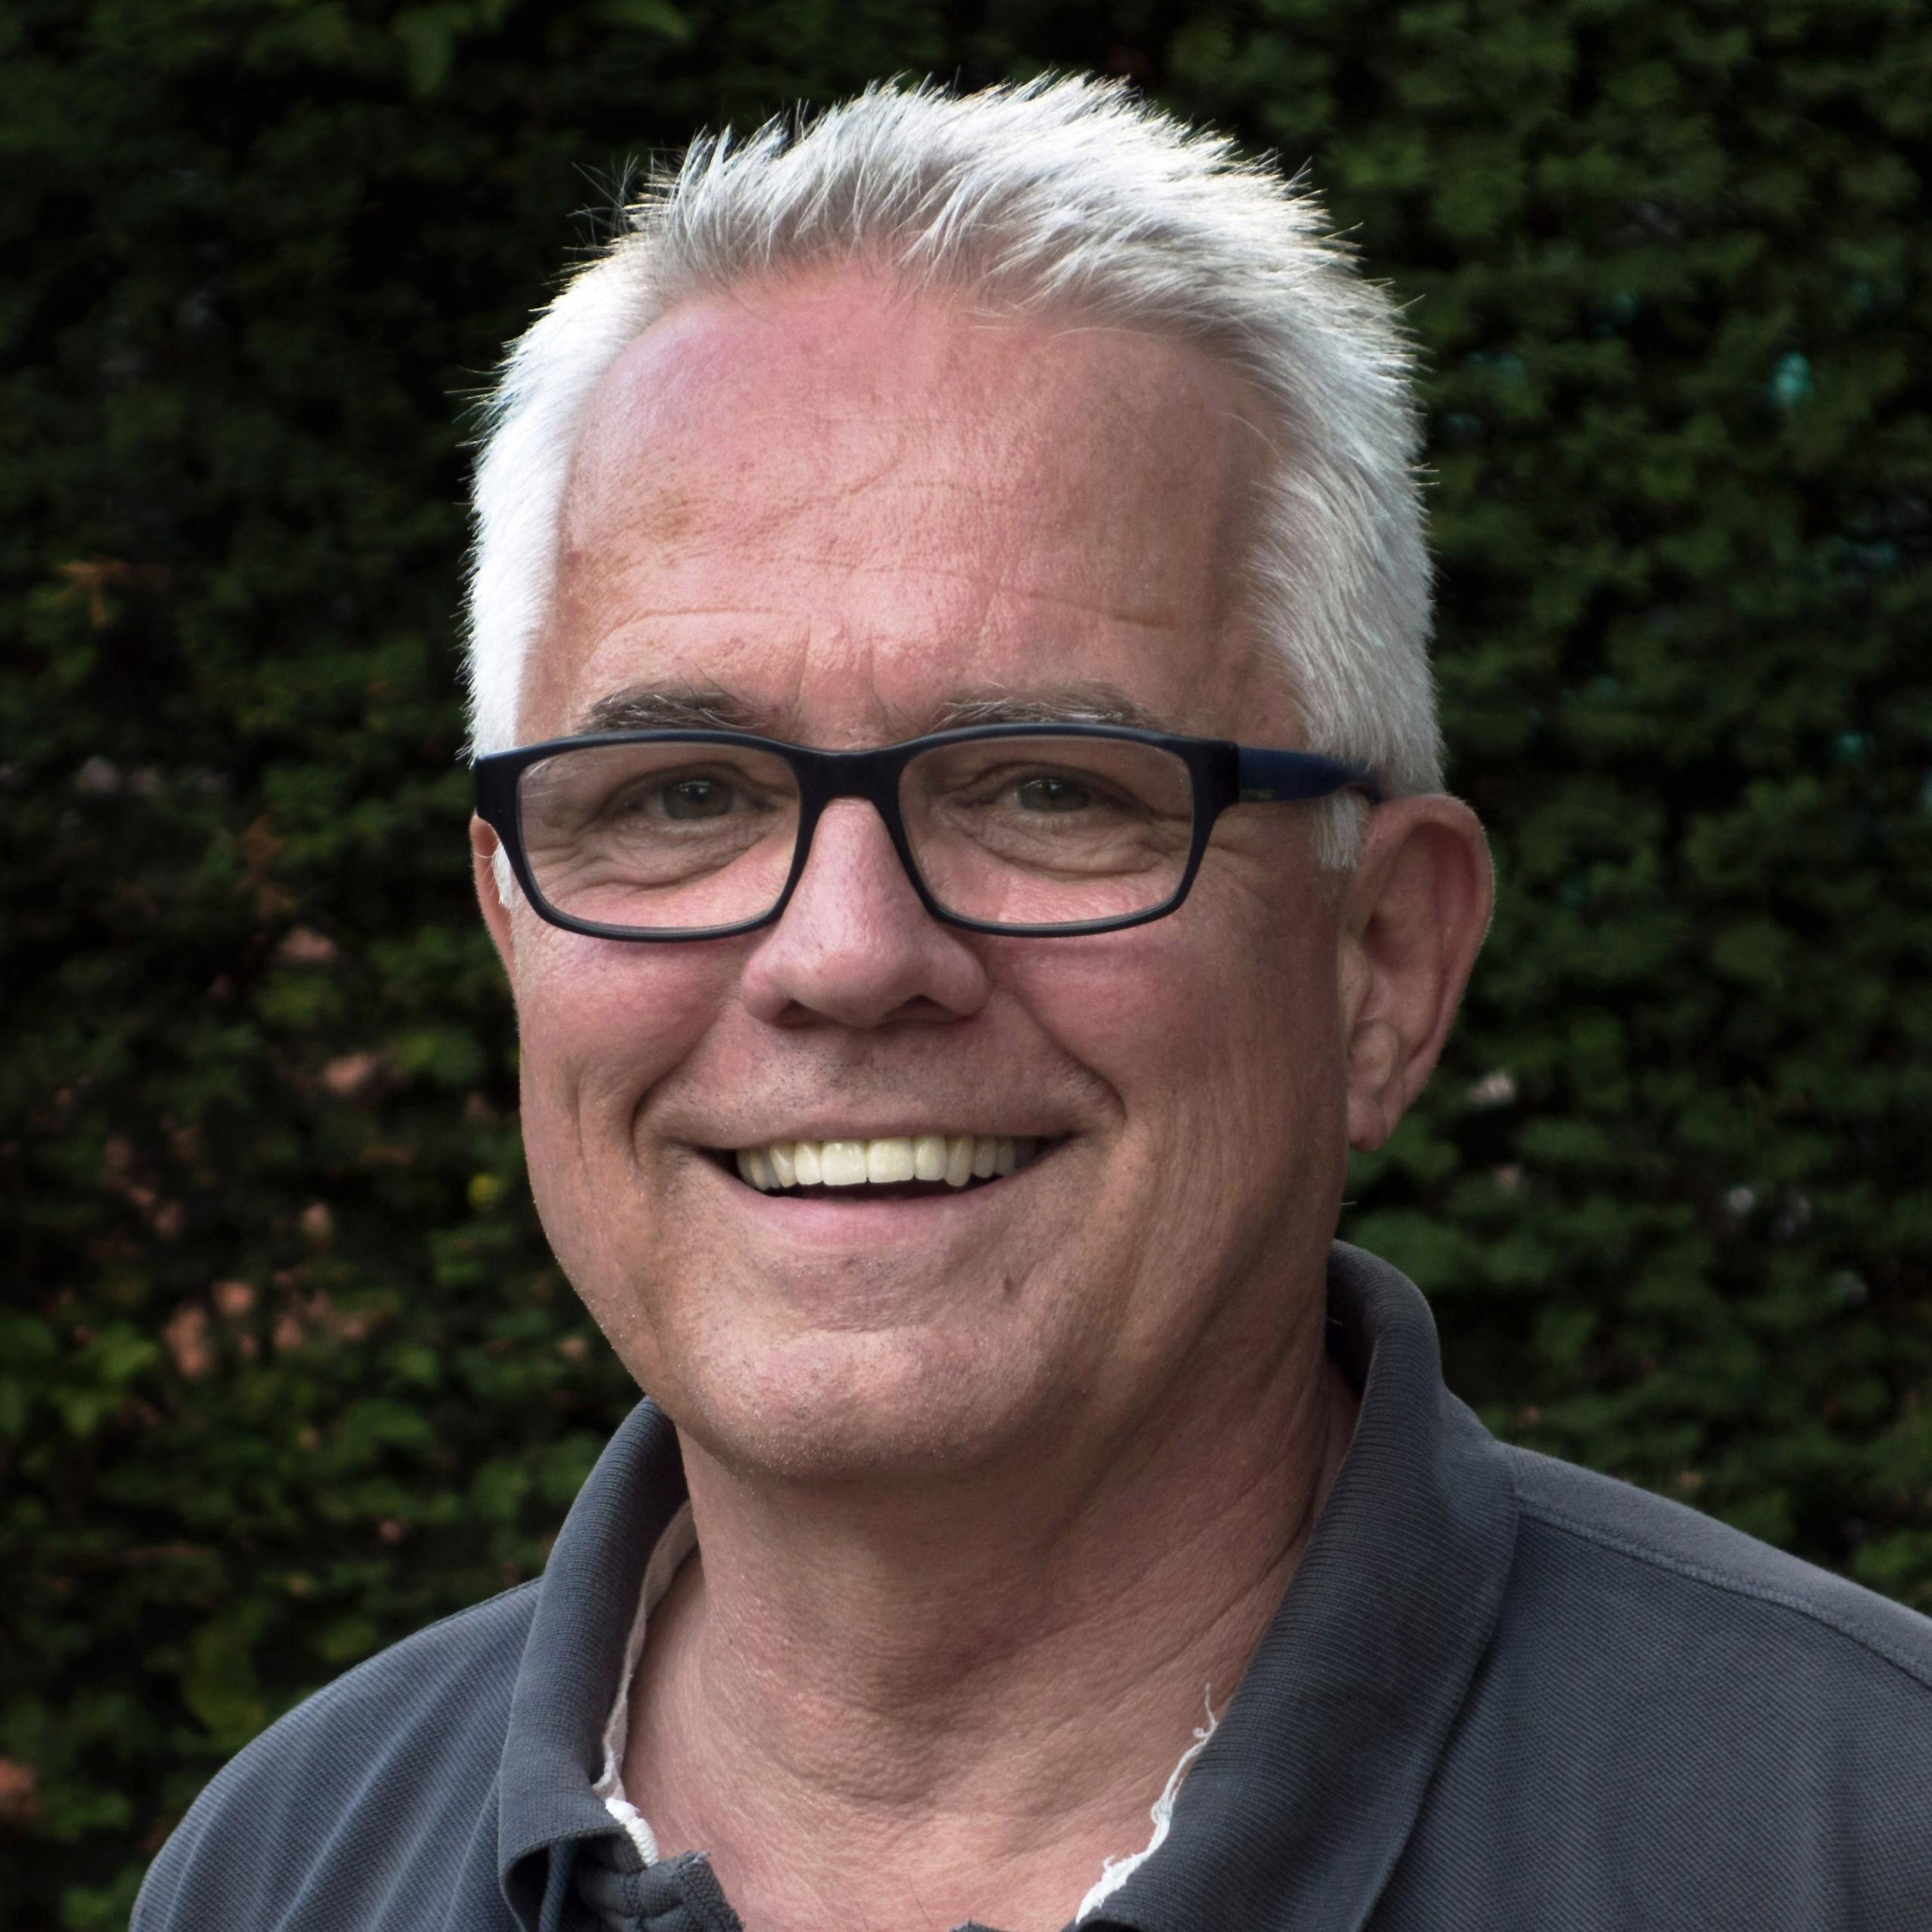 Frank Sommer